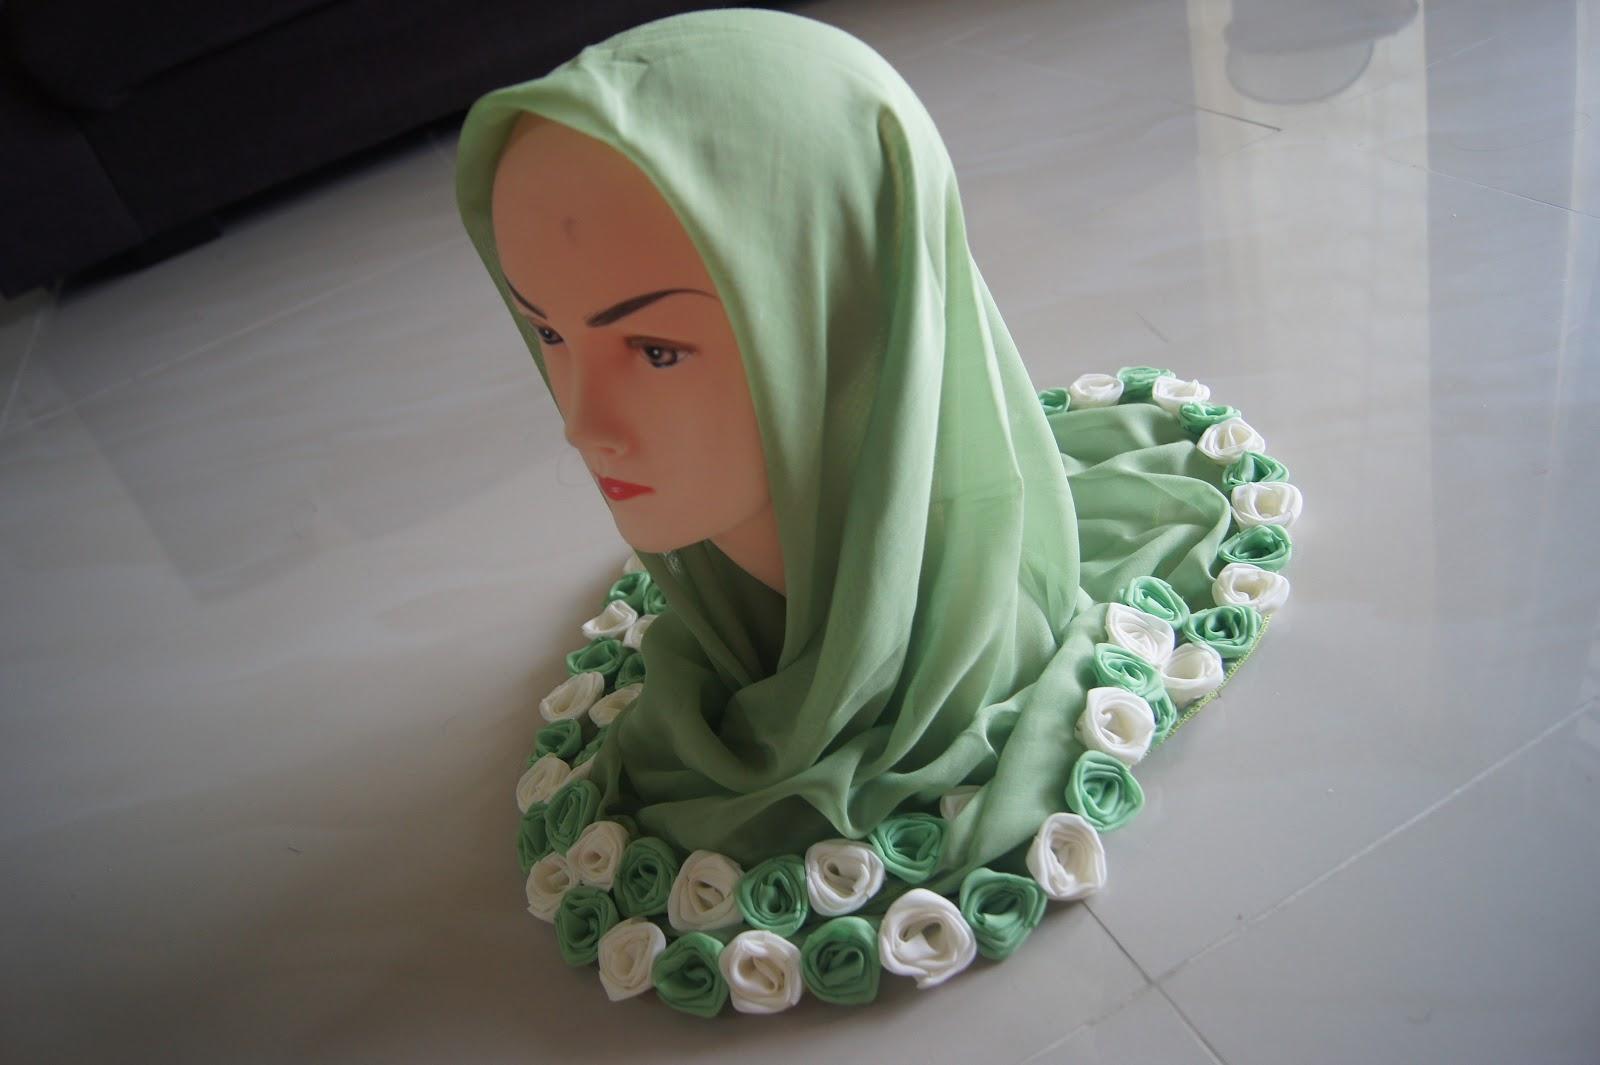 kedai lalaland new tudung roses